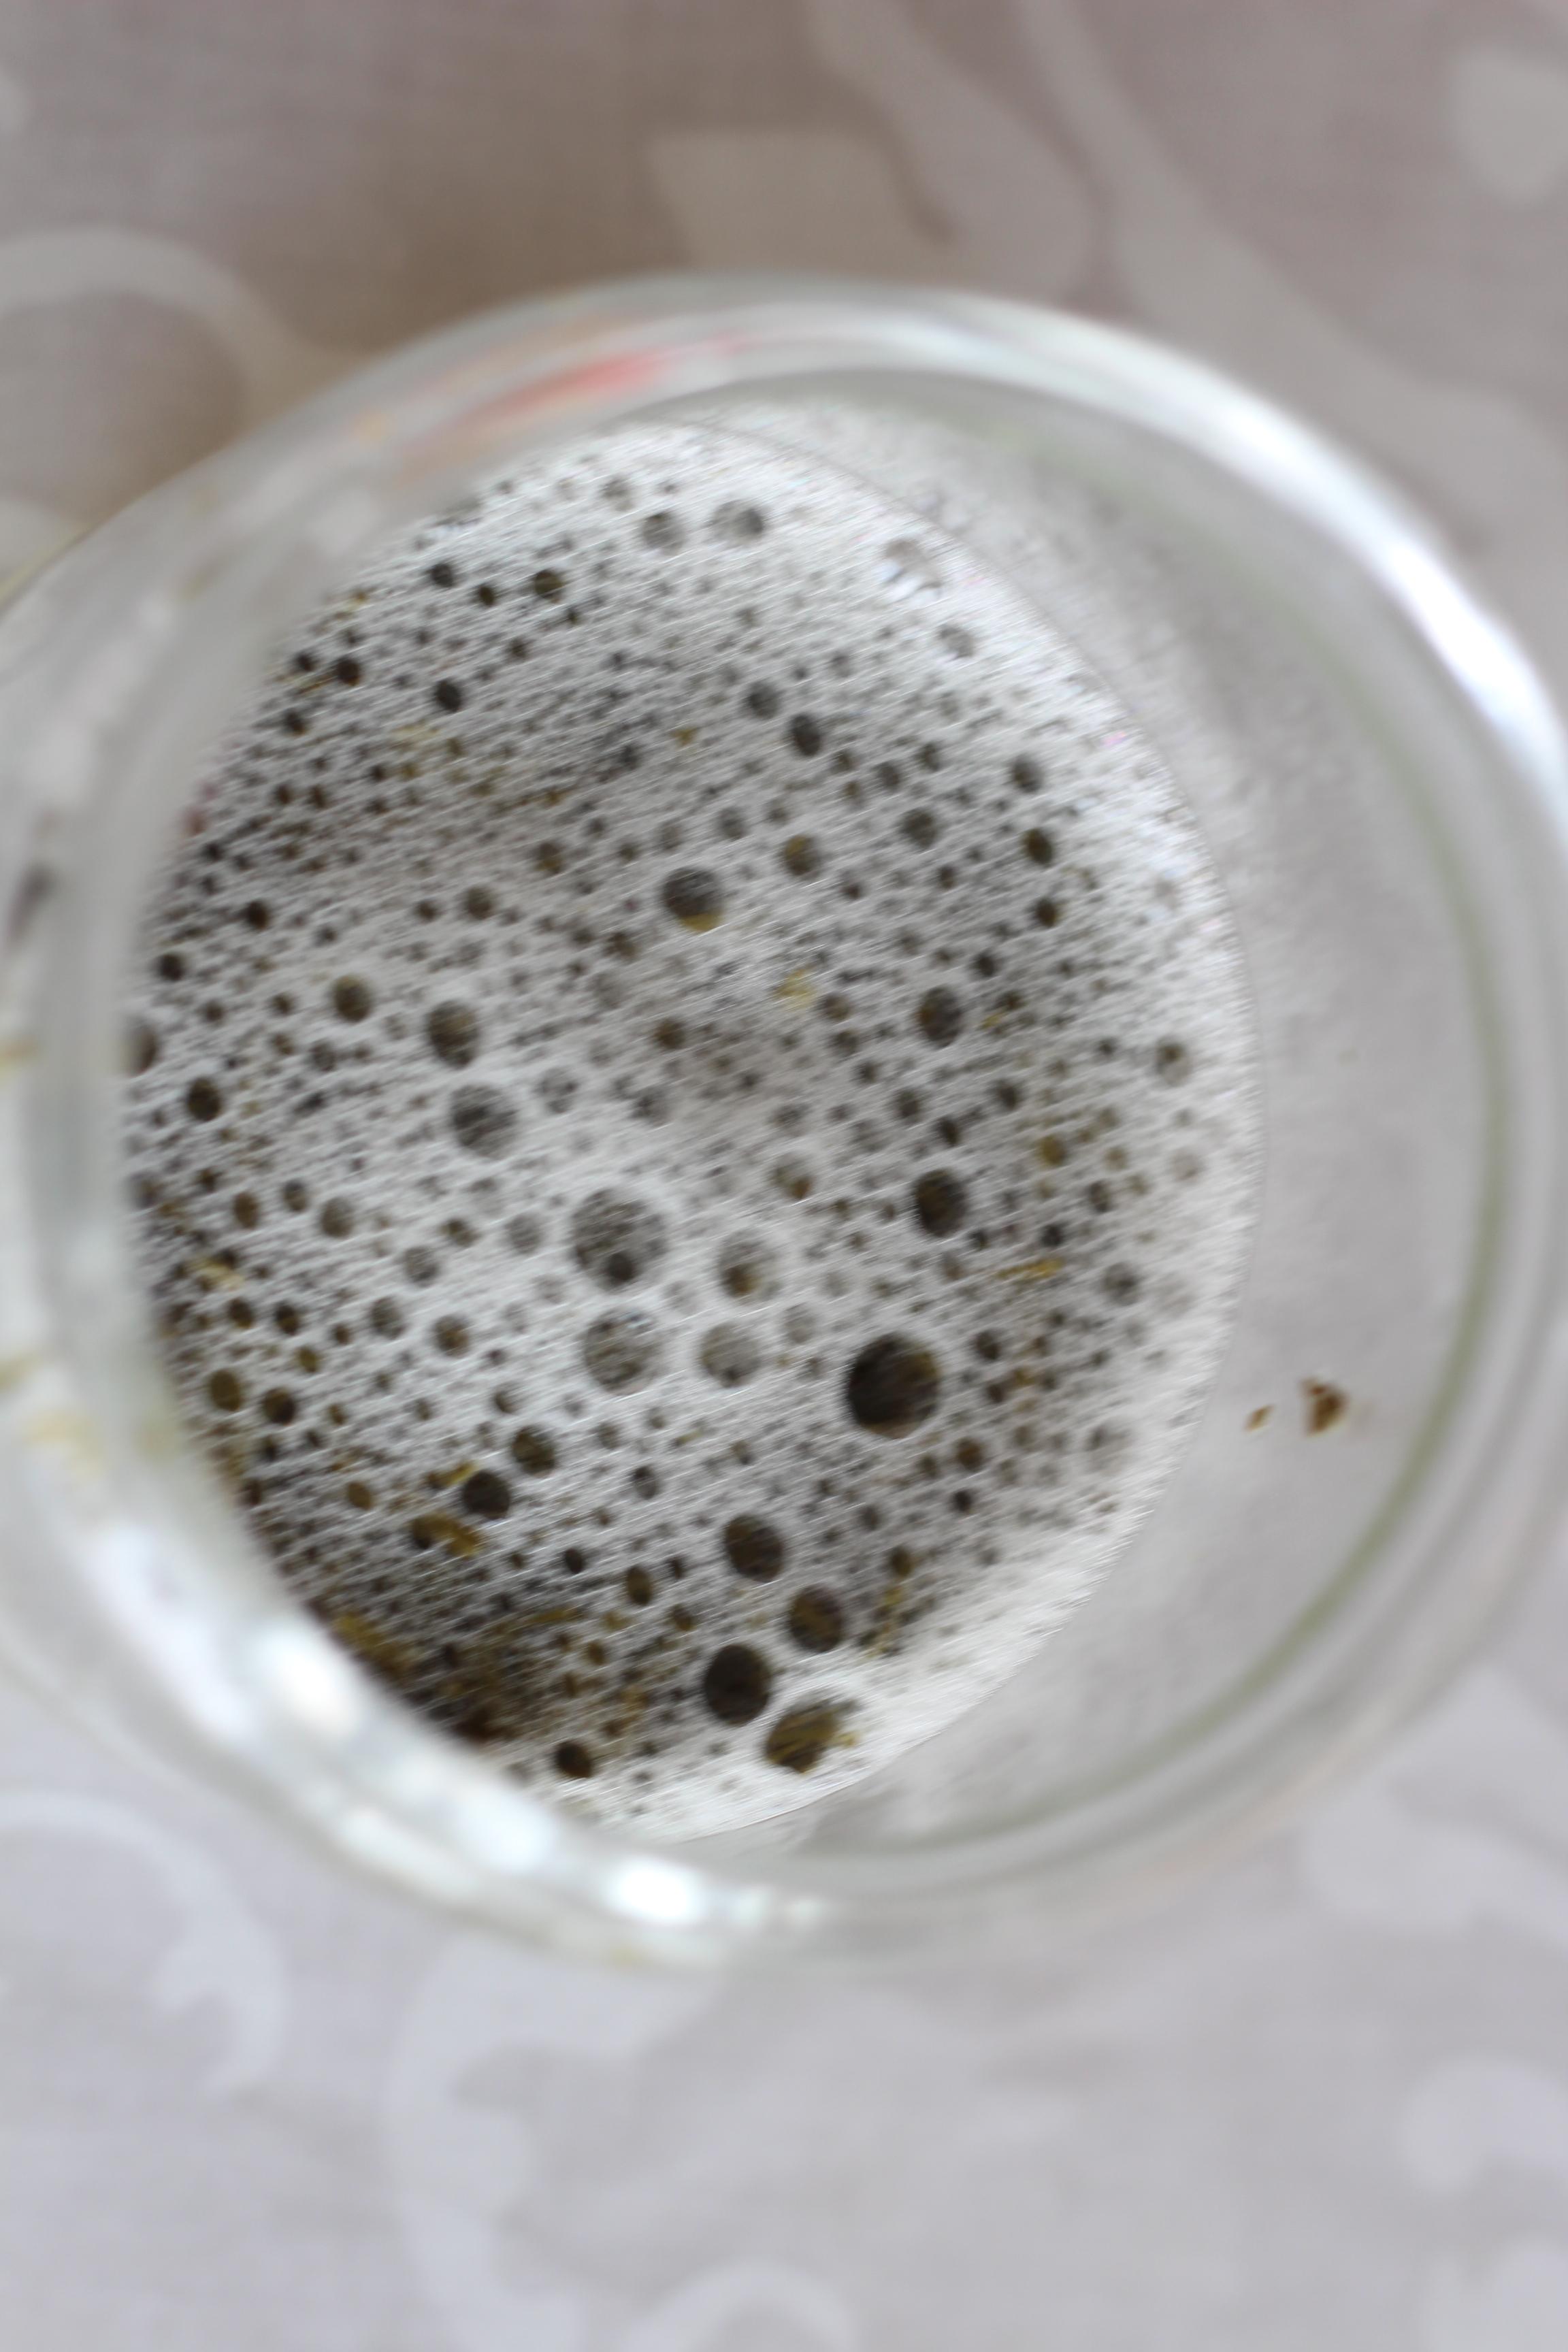 貴福園の茶葉で、自家製酵母作り